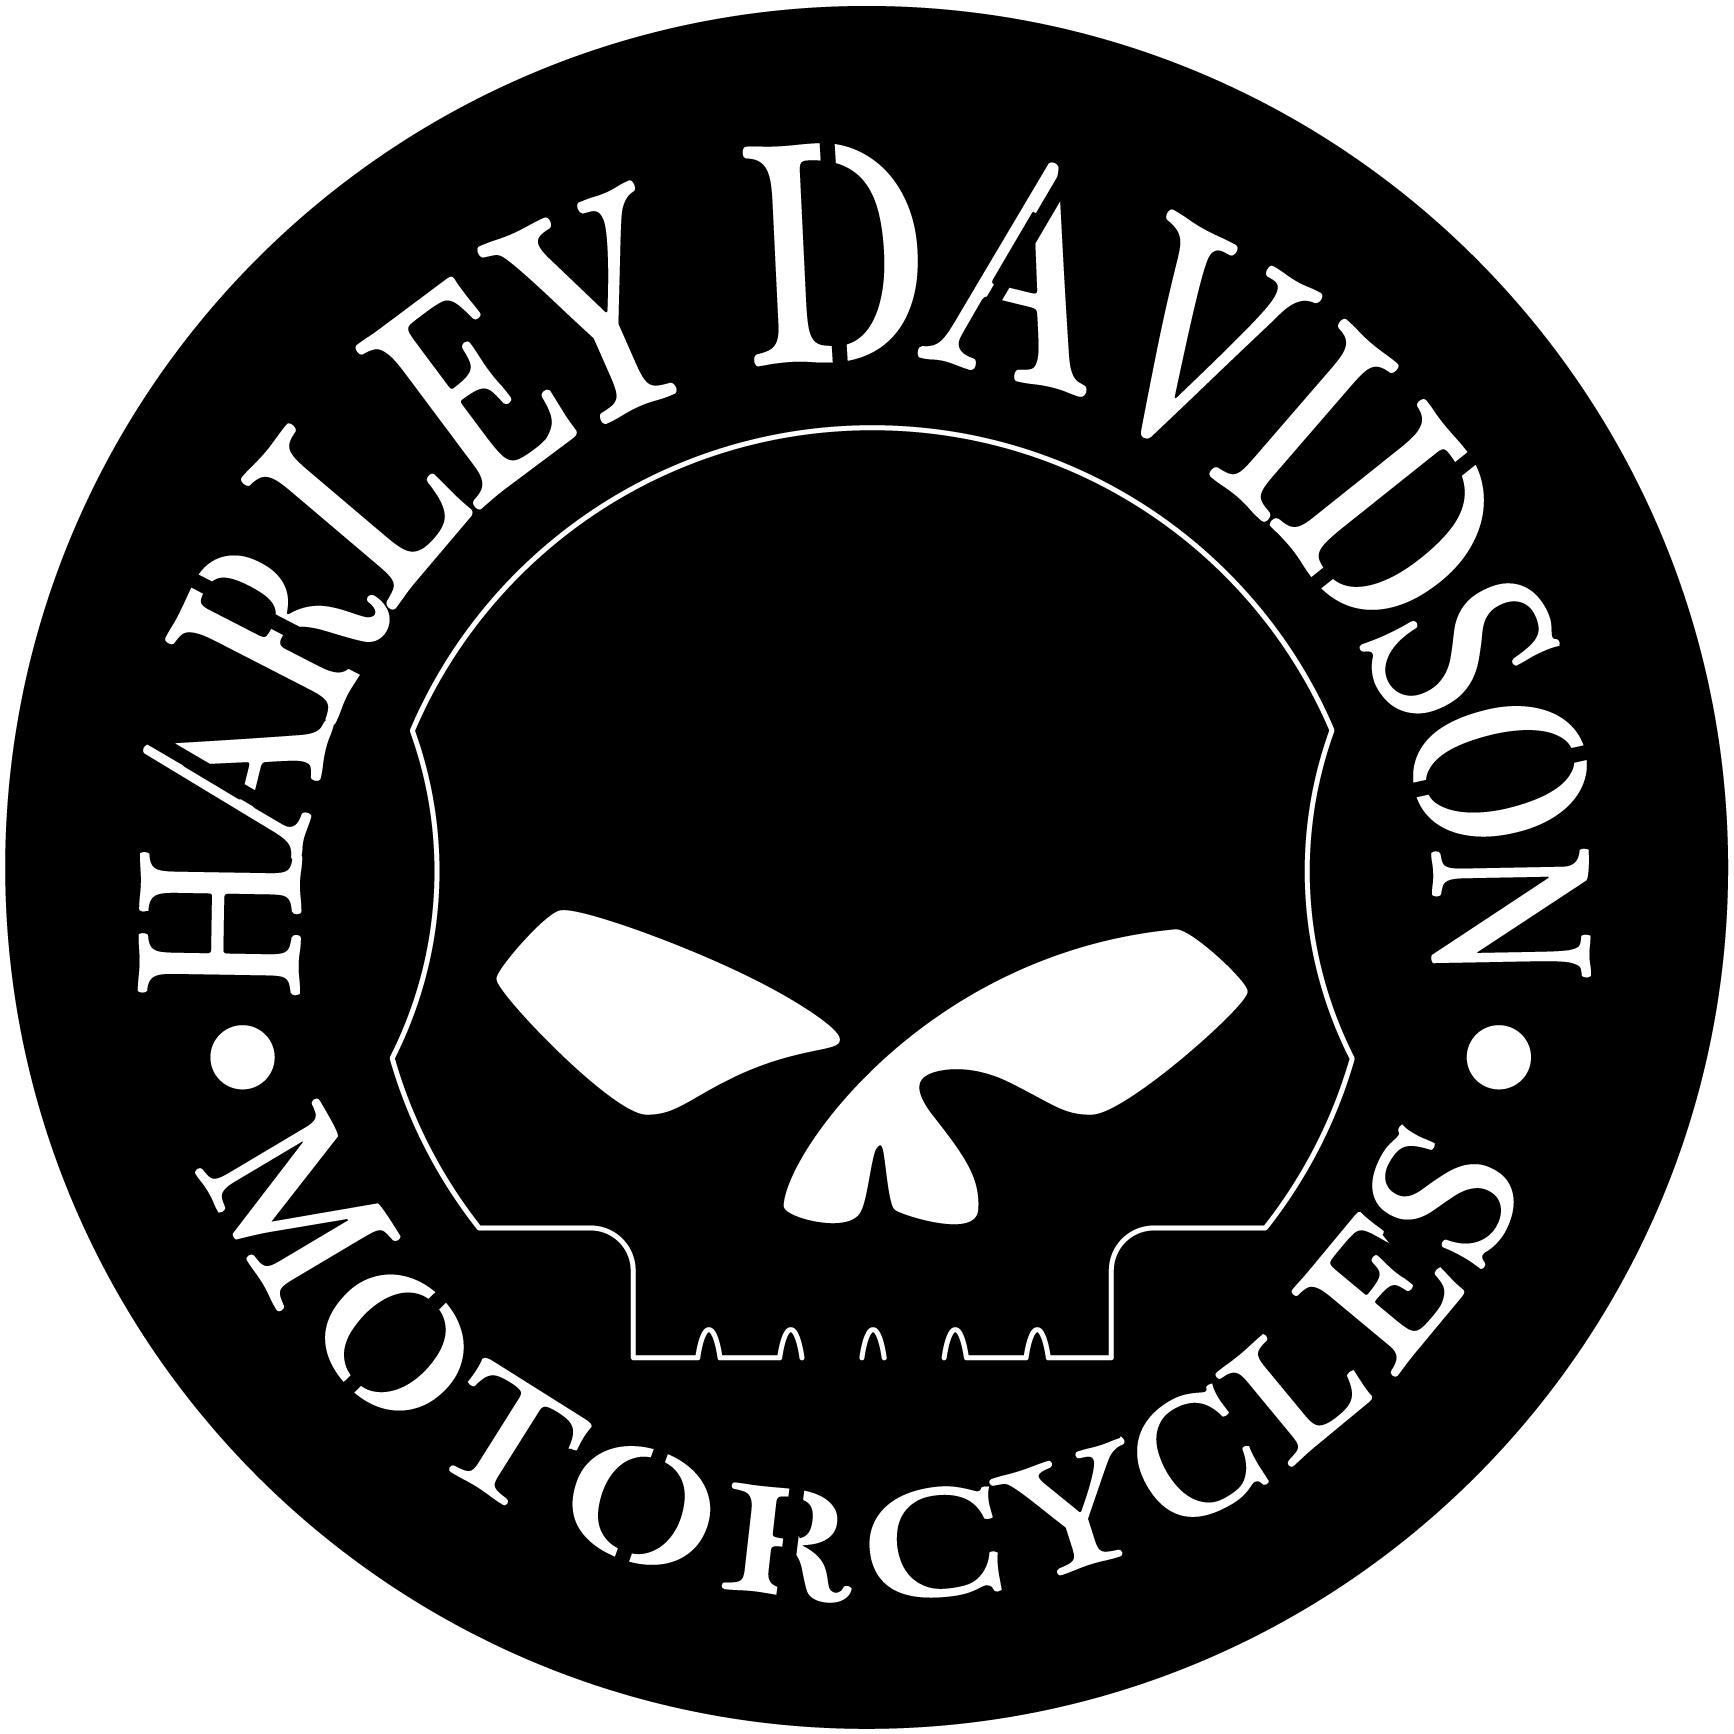 harley davidson motorcycles skull dxf file cnc clip art. Black Bedroom Furniture Sets. Home Design Ideas